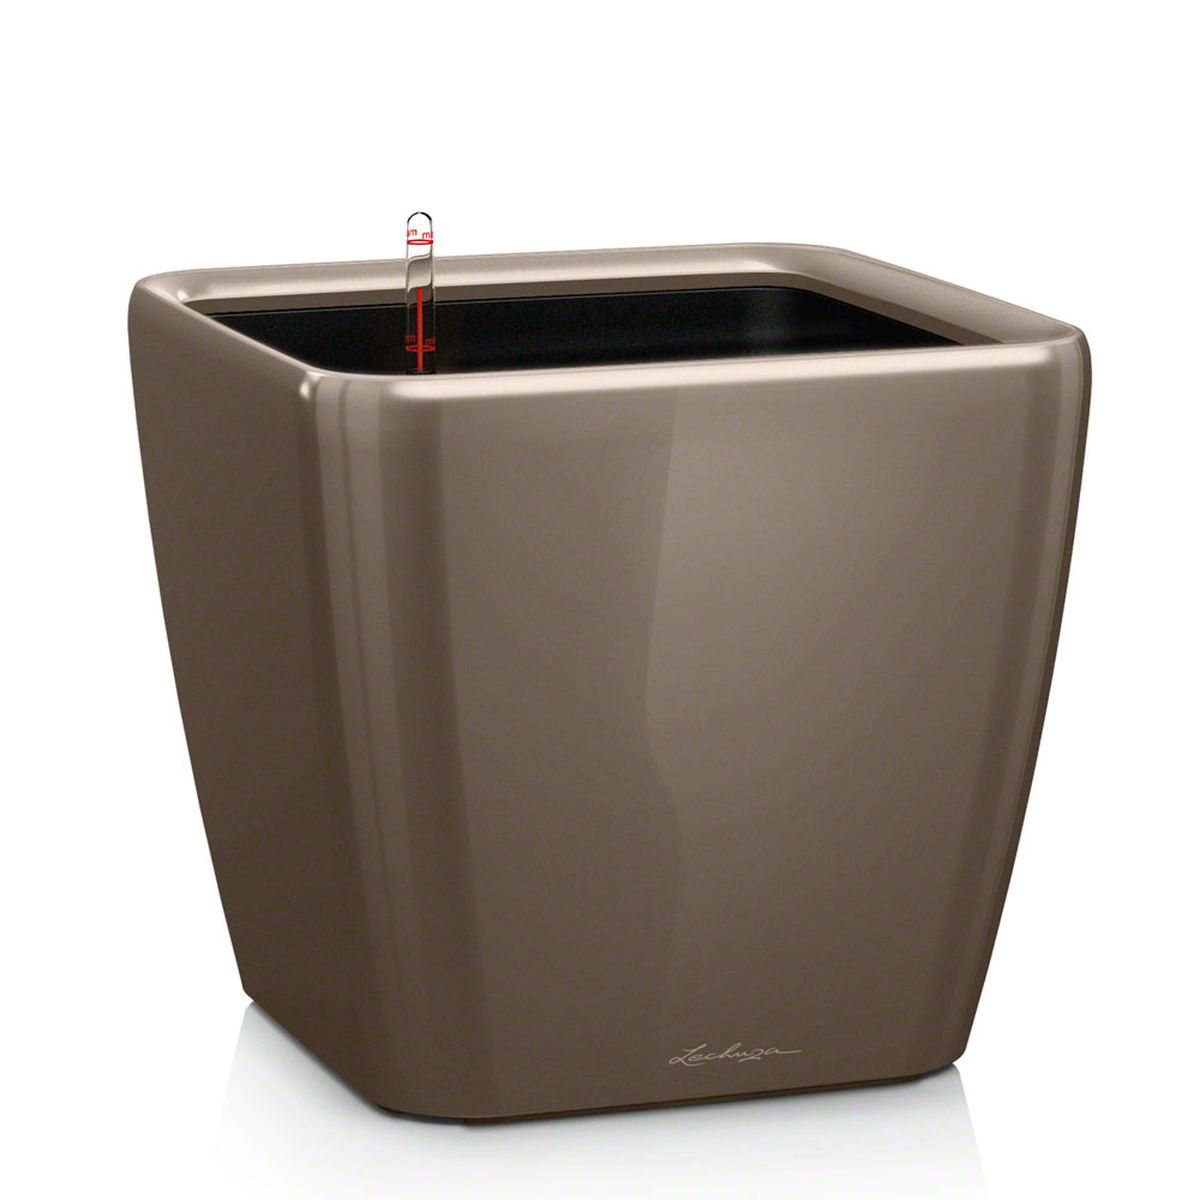 Кашпо с автополивом Lechuza Quadro 50х47 см, серо-коричневое LSZ-0307Элегантная ручка цвета самого кашпо украшает все наборы Все-в-одном кашпо серии QUADRO. Она не только красиво смотрится, но и обеспечивает возможность легкой замены растений.Особые преимущества:- Запатентованный внутренний горшок- Ручка цвета горшка не только практична, но еще и дополнительно подчеркивает изящный дизайн кашпо- В качестве опции: Подставка на роликах для QUADRO 43 и 50